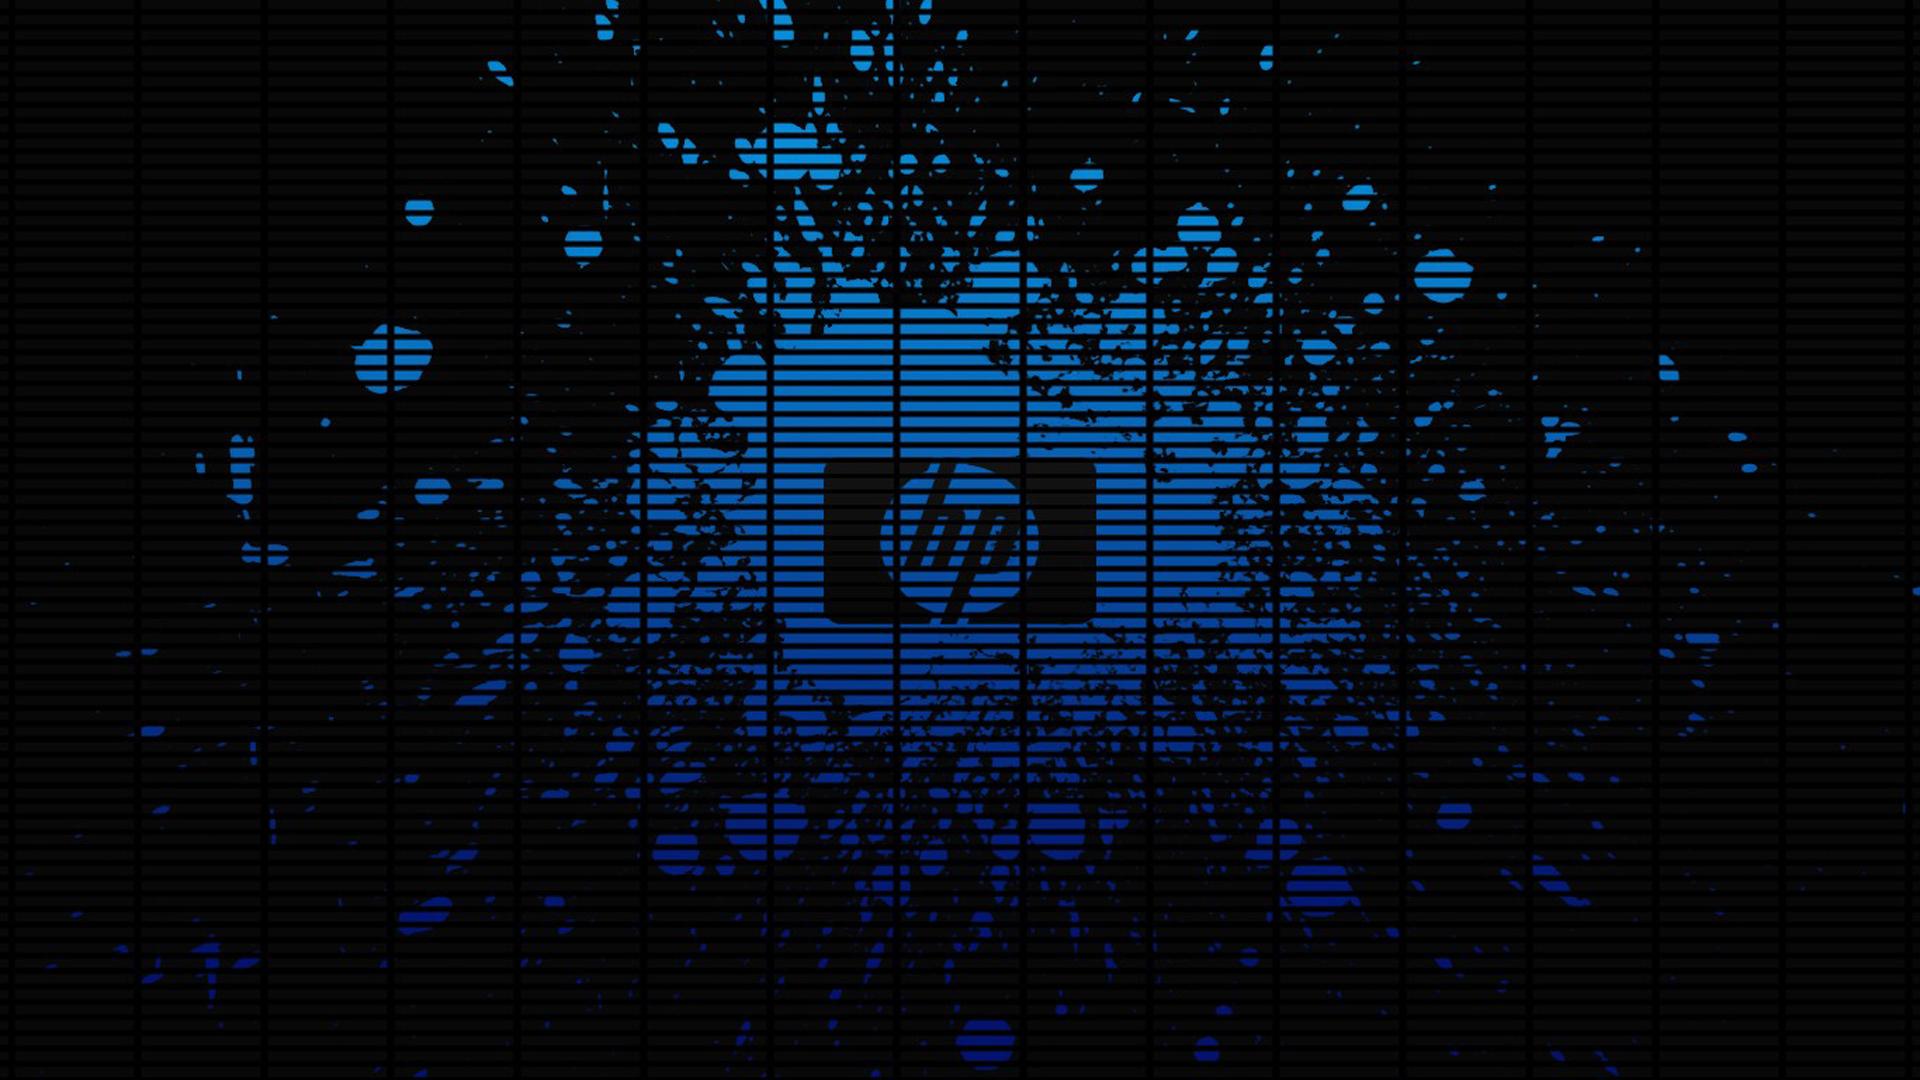 HP представила новые геймерские ноутбуки, настольные ПК и мониторы